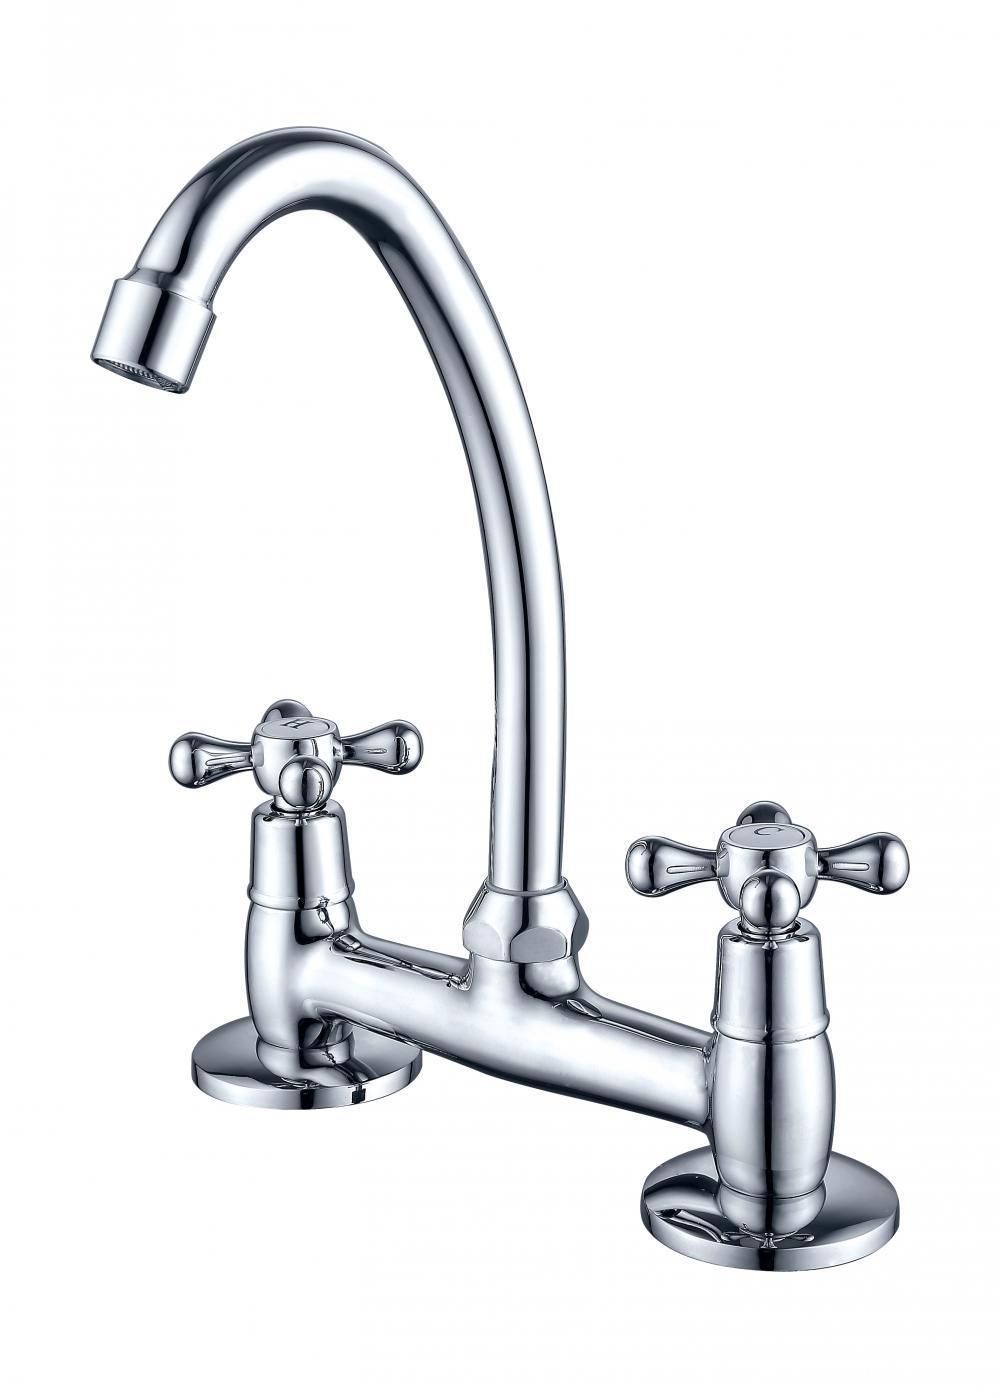 Hn 3c62kitchen faucet